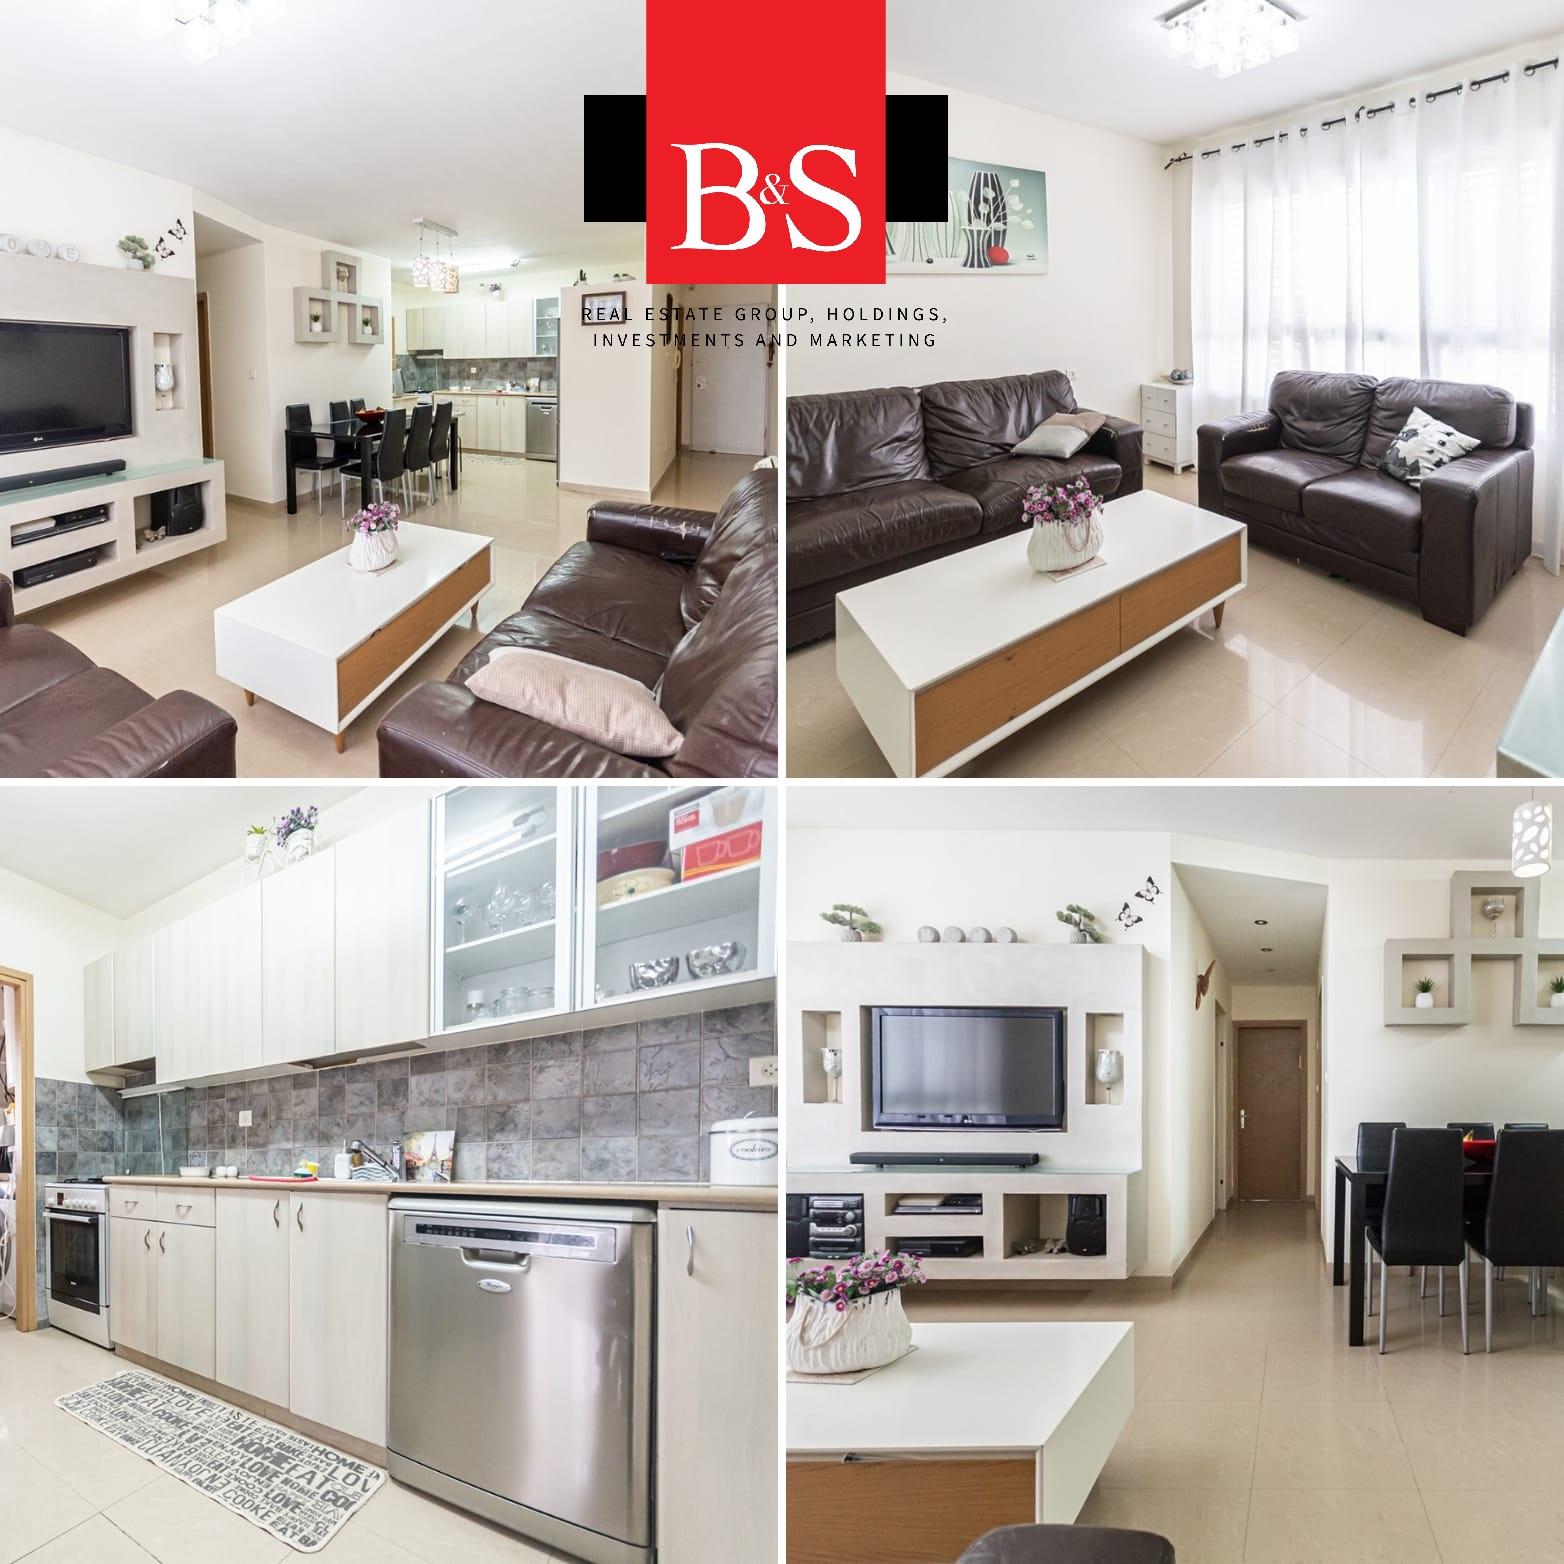 ברחוב זוארץ, דירת 4 חדרים במחיר ארטקטיבי במיוחד